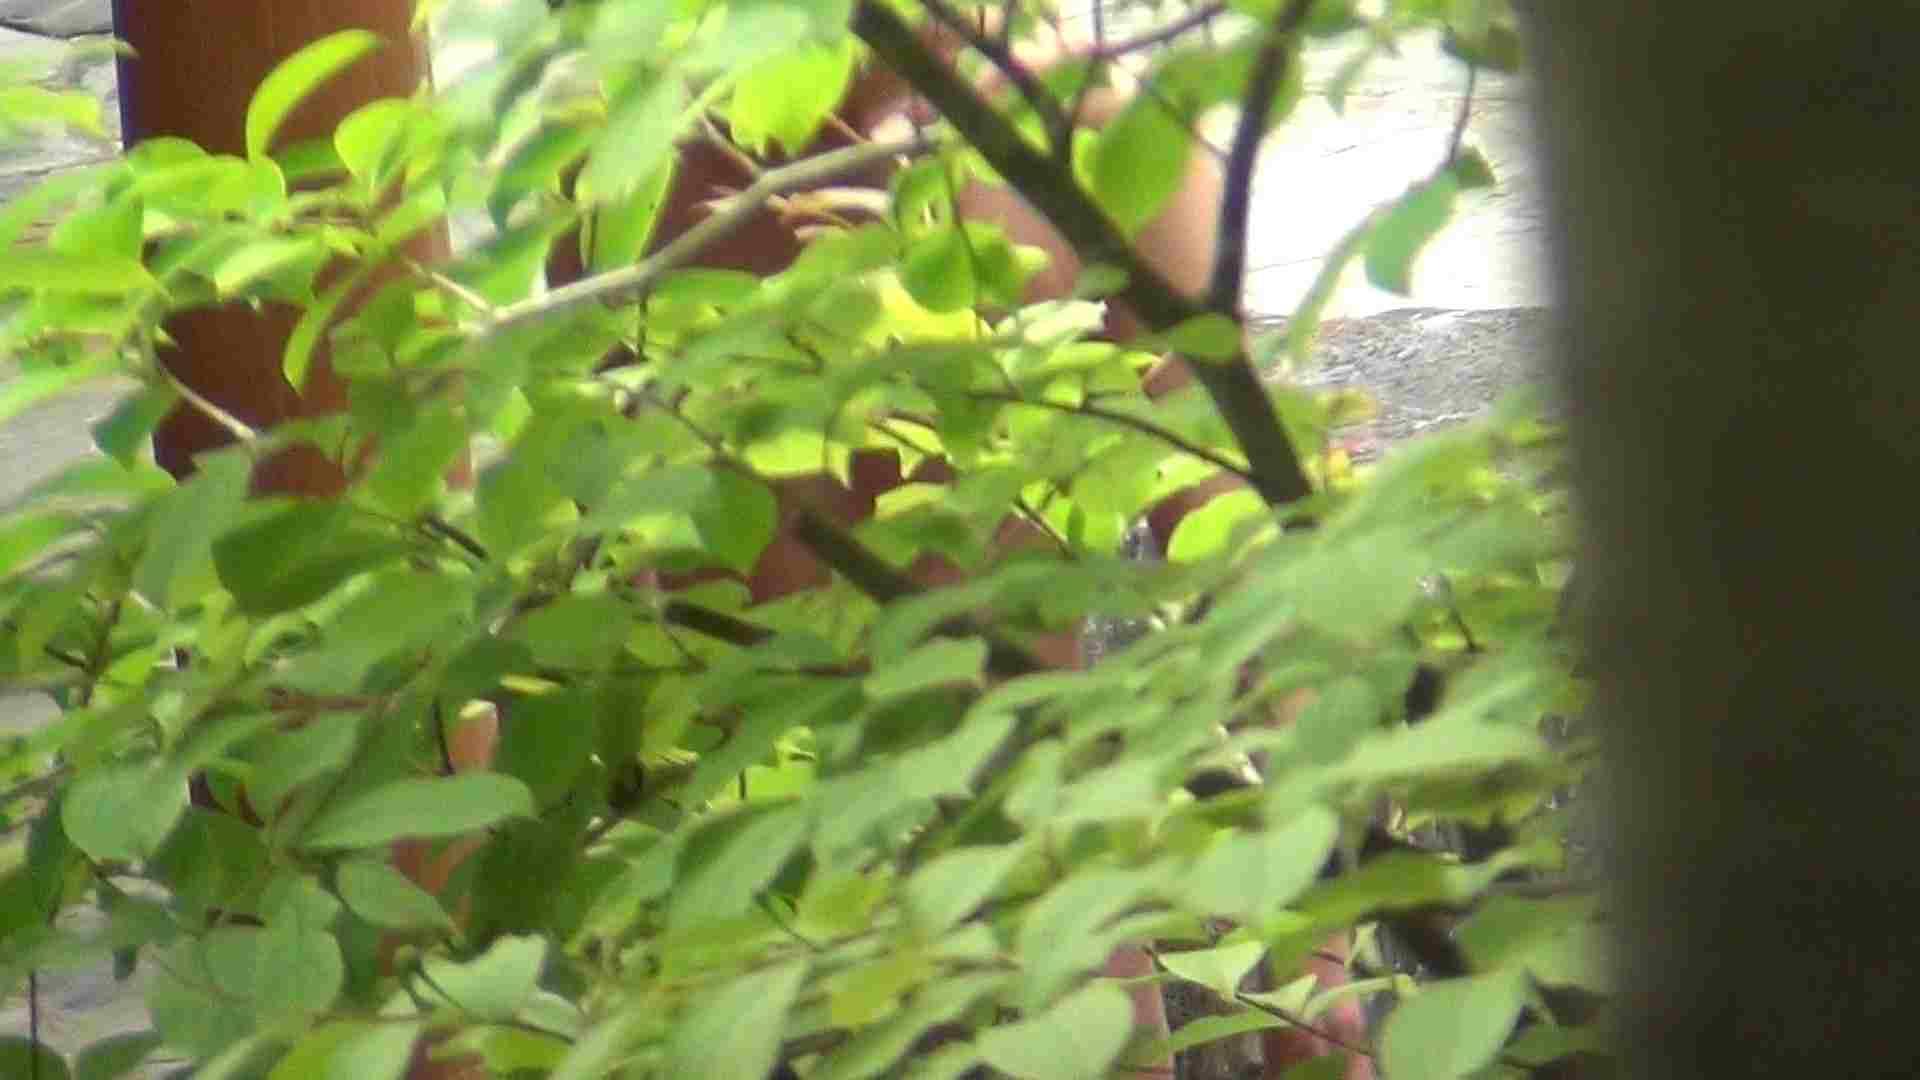 ハイビジョンVol.22 美魔女の小さくても張りのあるオッパイ 美女のボディ アダルト動画キャプチャ 86PIX 29